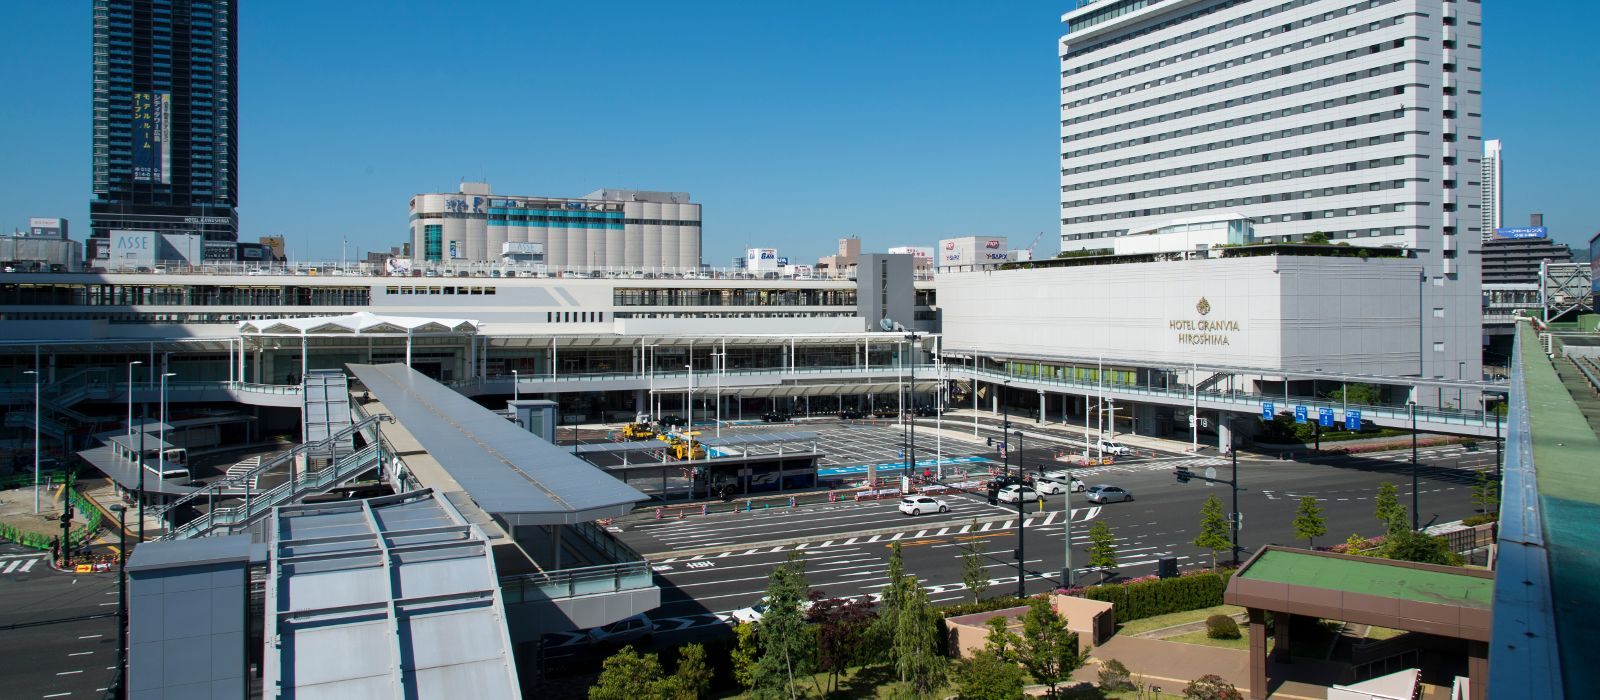 Hotel Granvia Hiroshima Japan